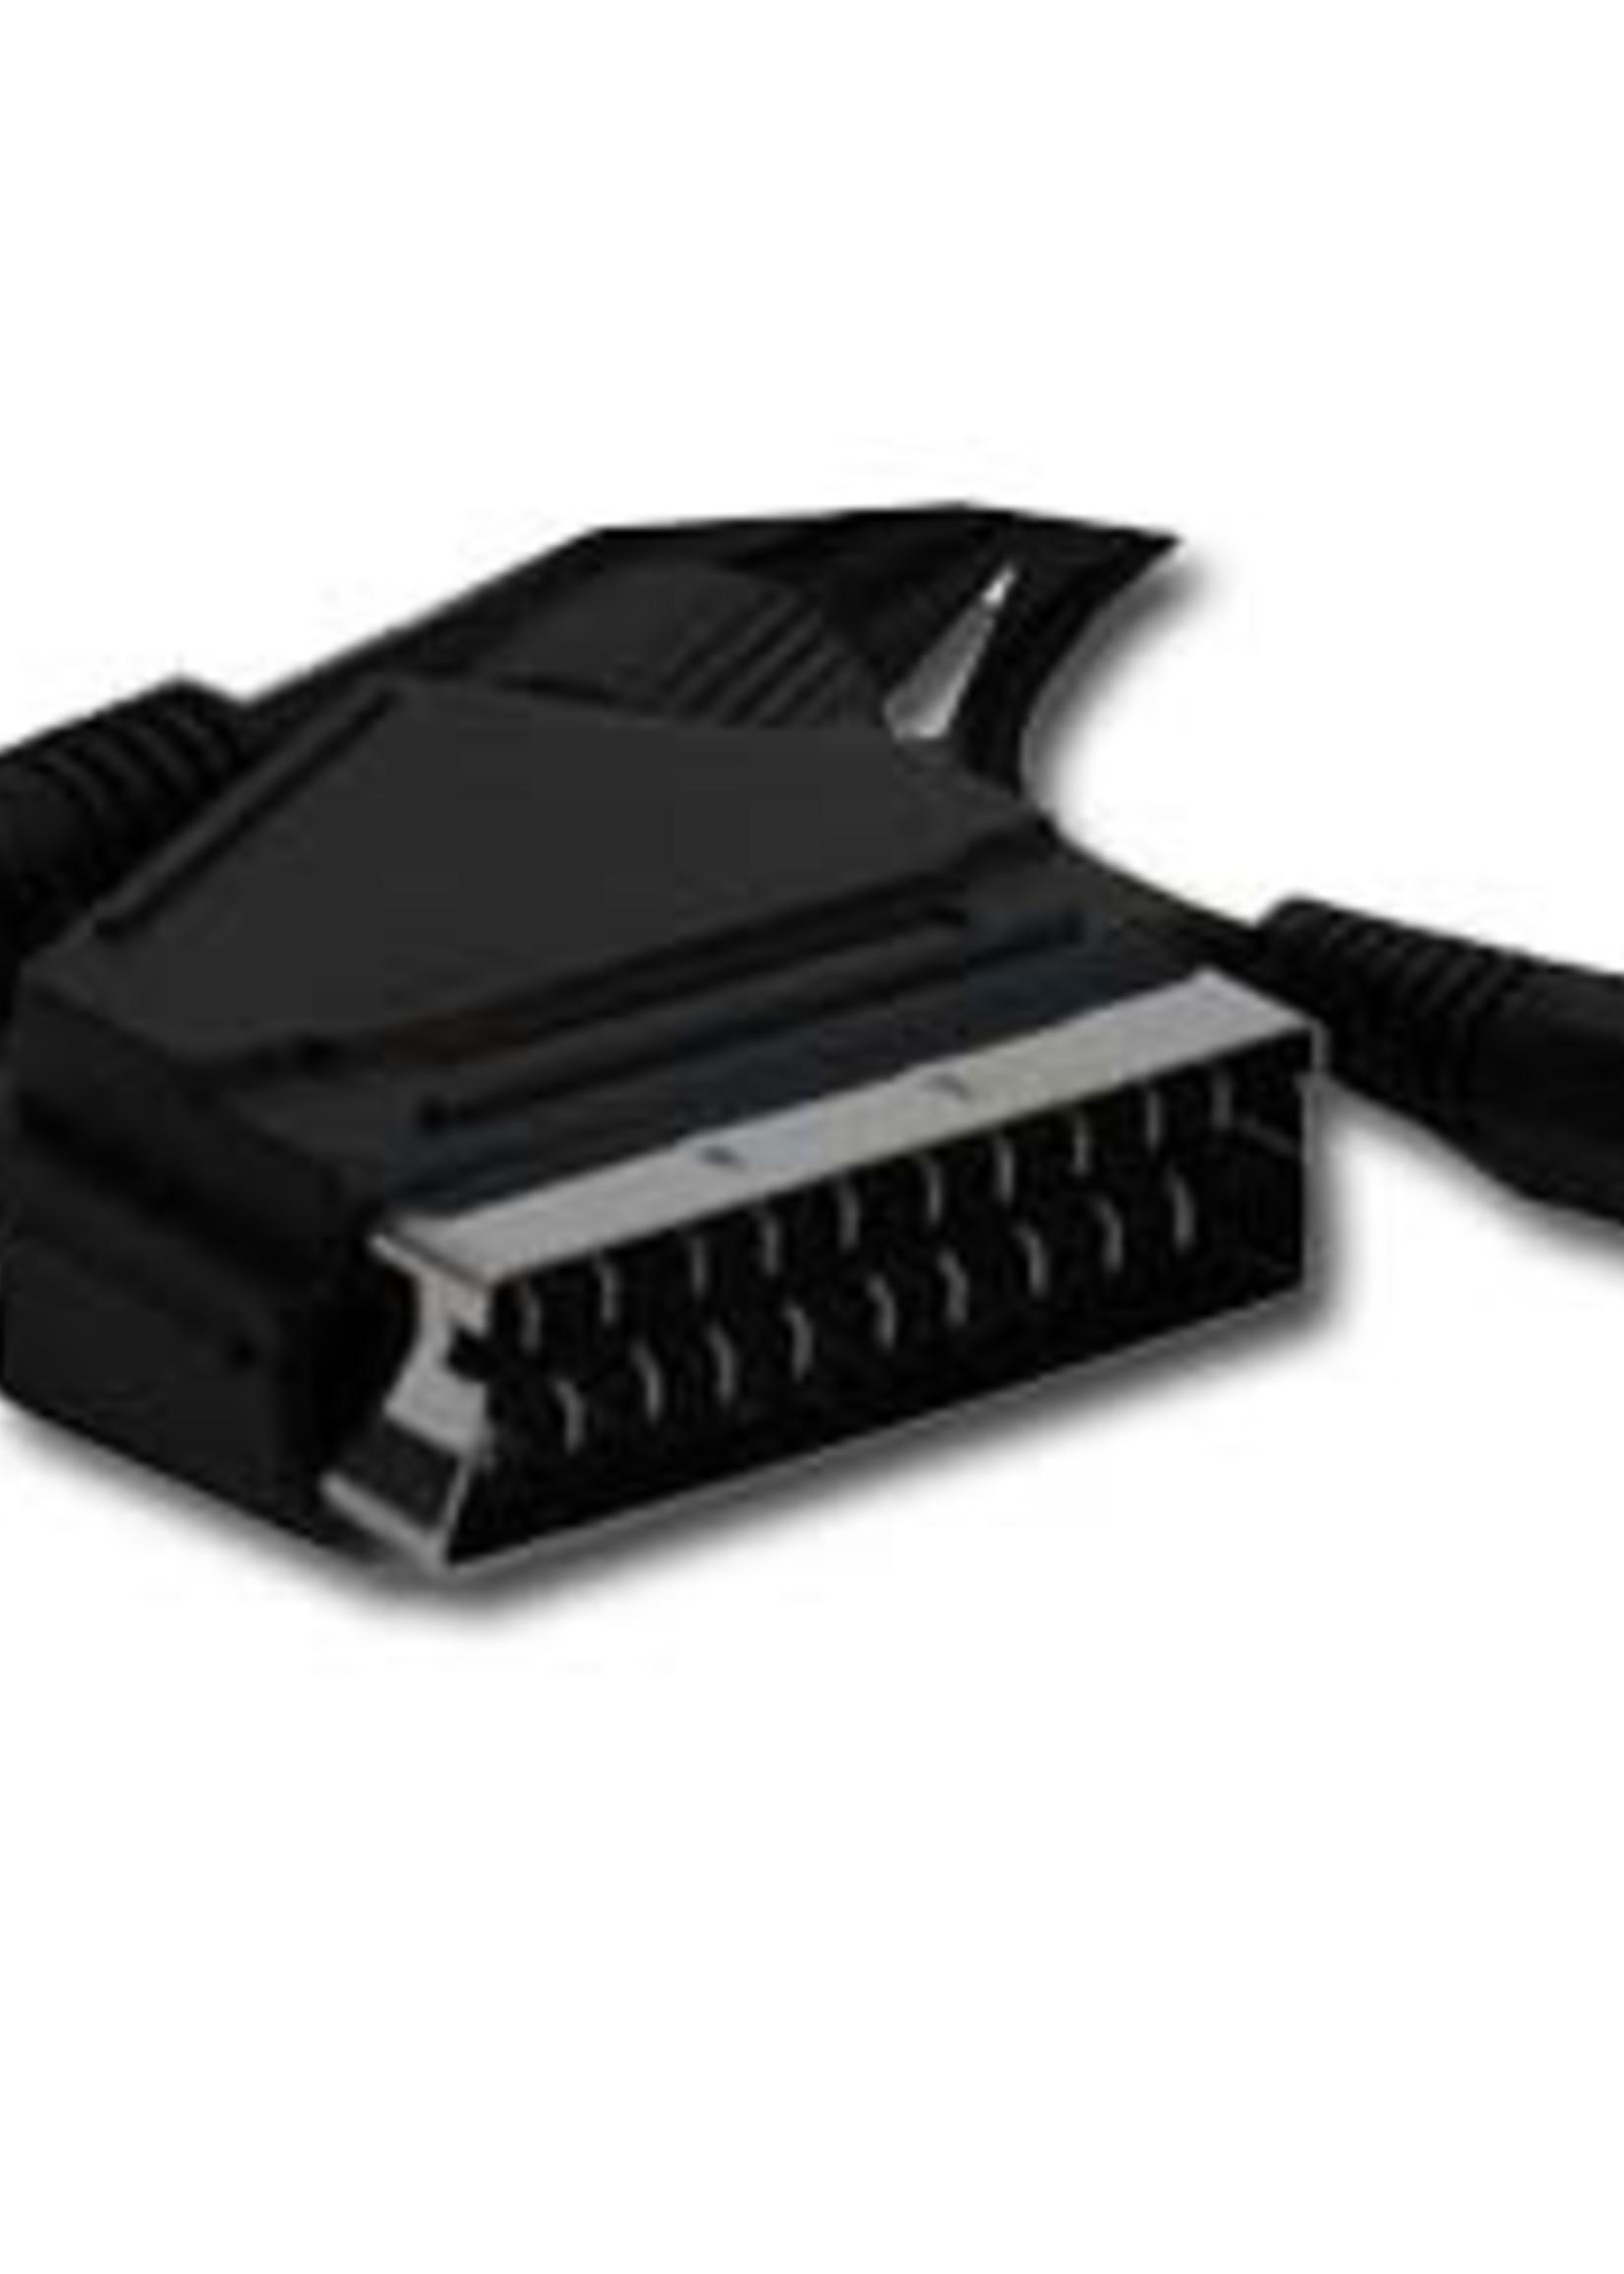 CableXpert Aansluitkabel van SCART naar S-video + audio kabel, 5 meter